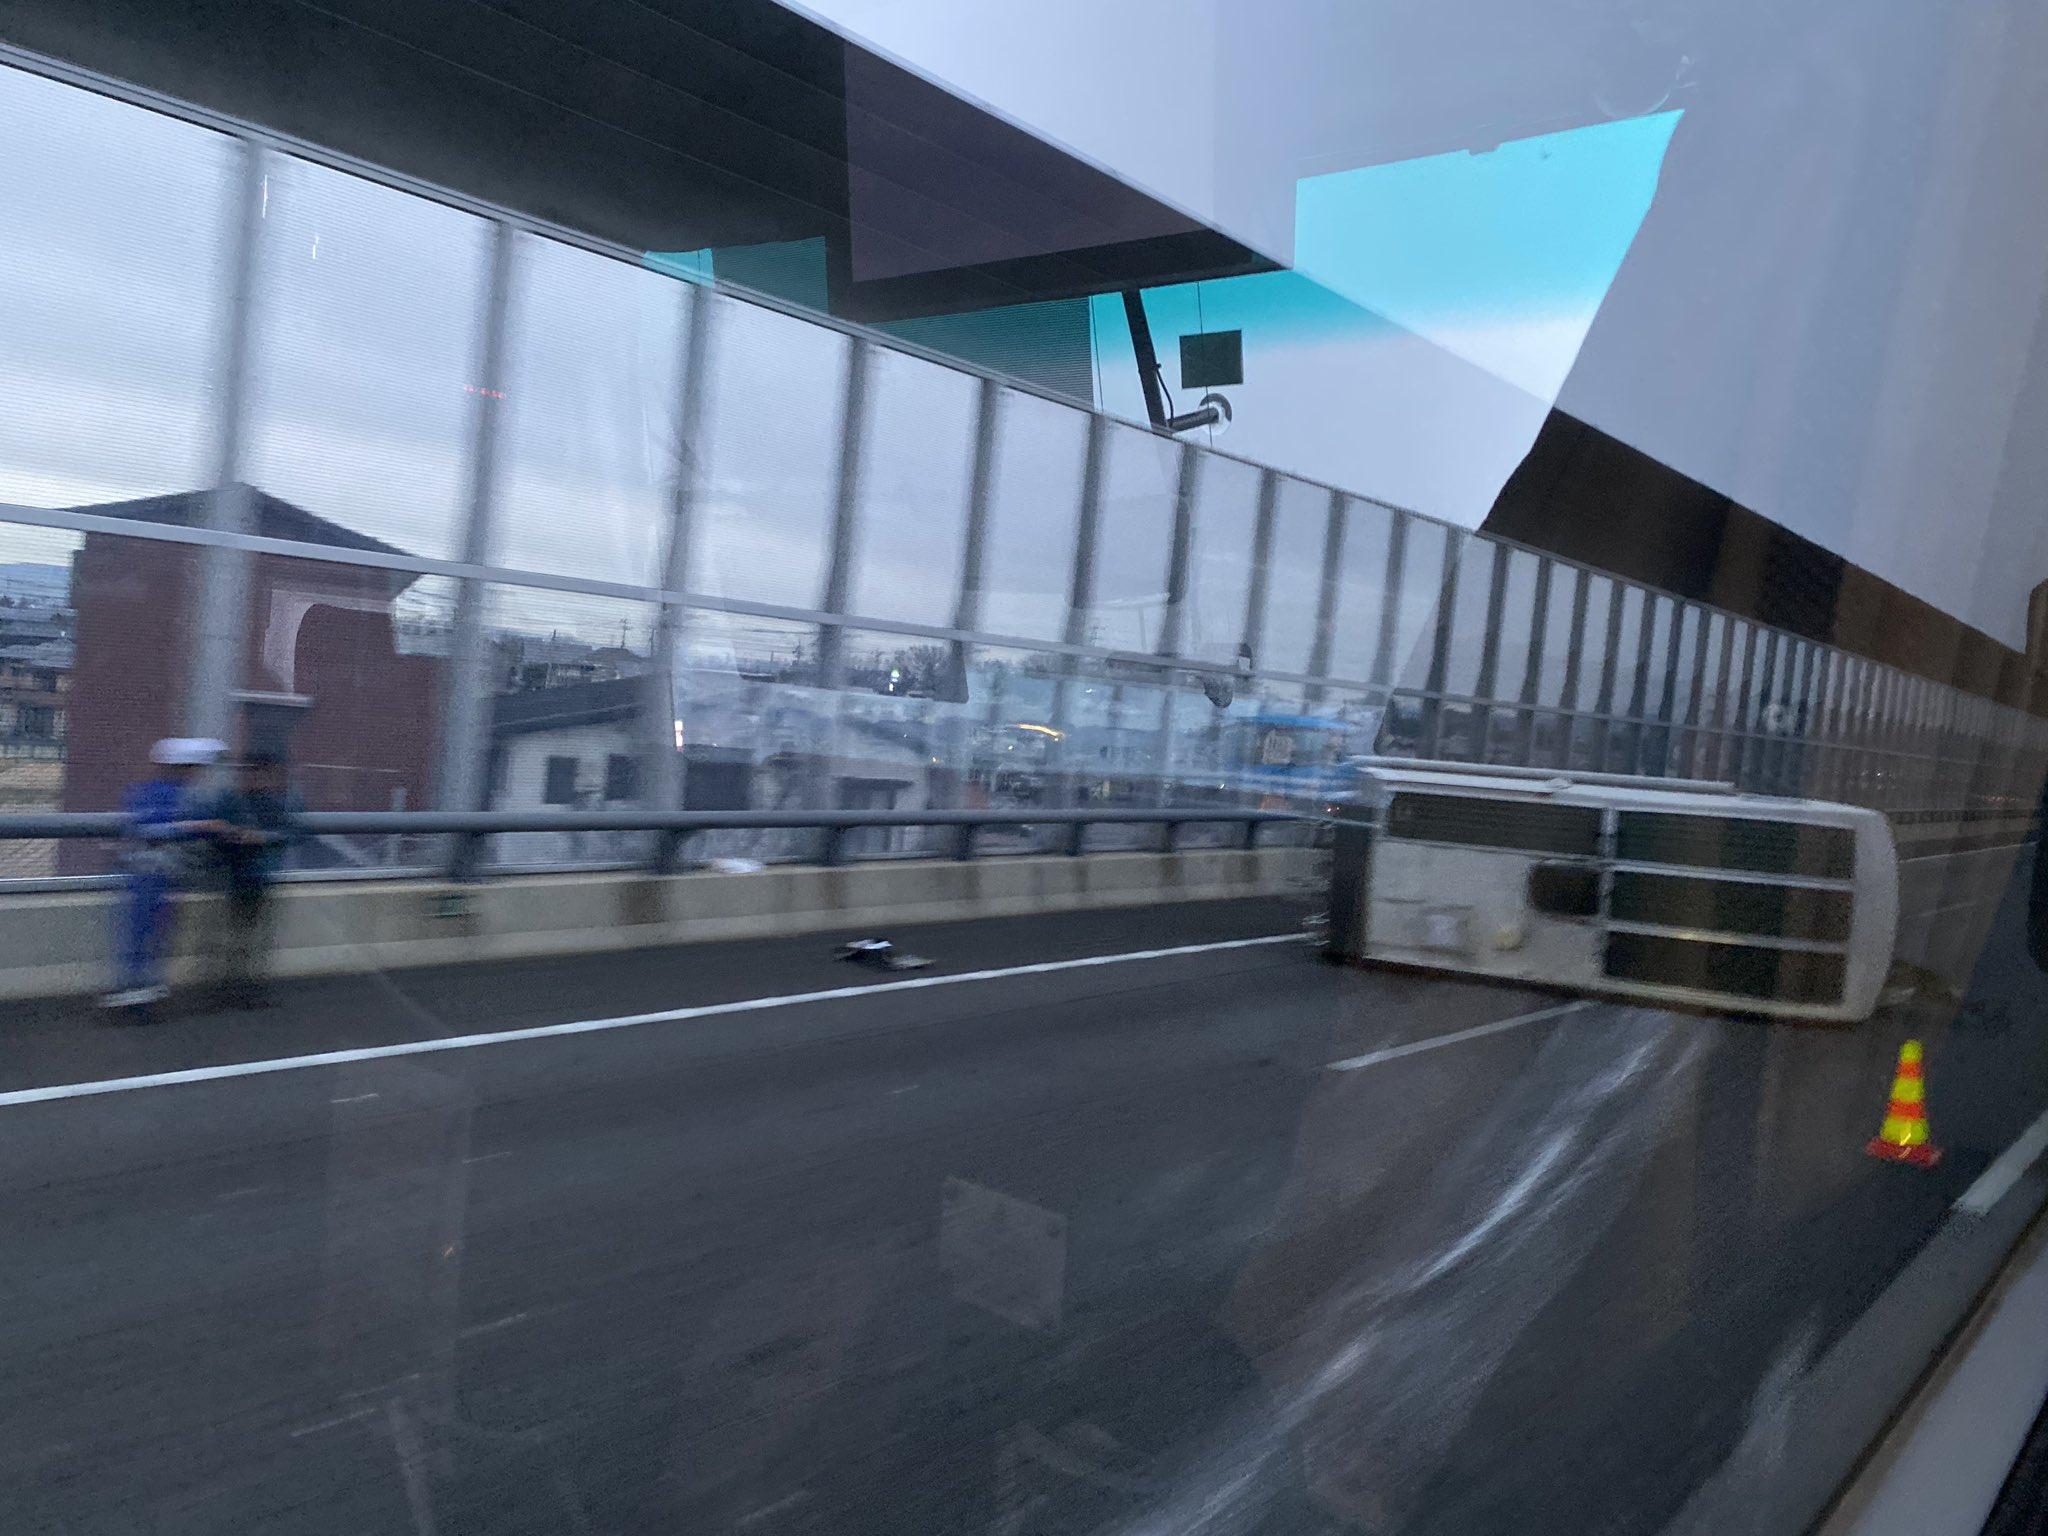 伊勢湾岸の豊田JCT付近で横転事故の現場の画像